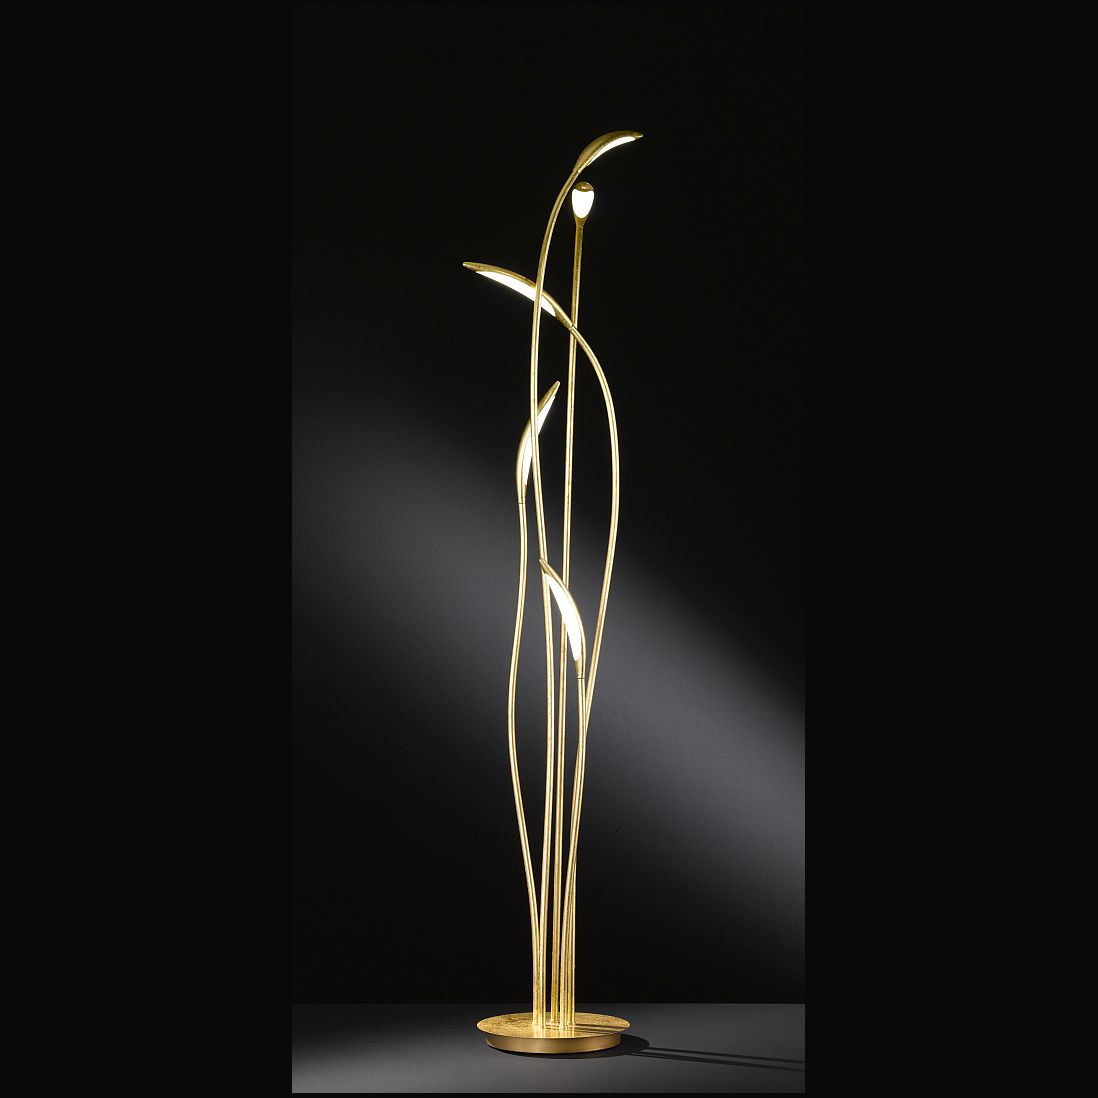 Stehlampe Mit Led In Mattem Gold Fliessenden Formen